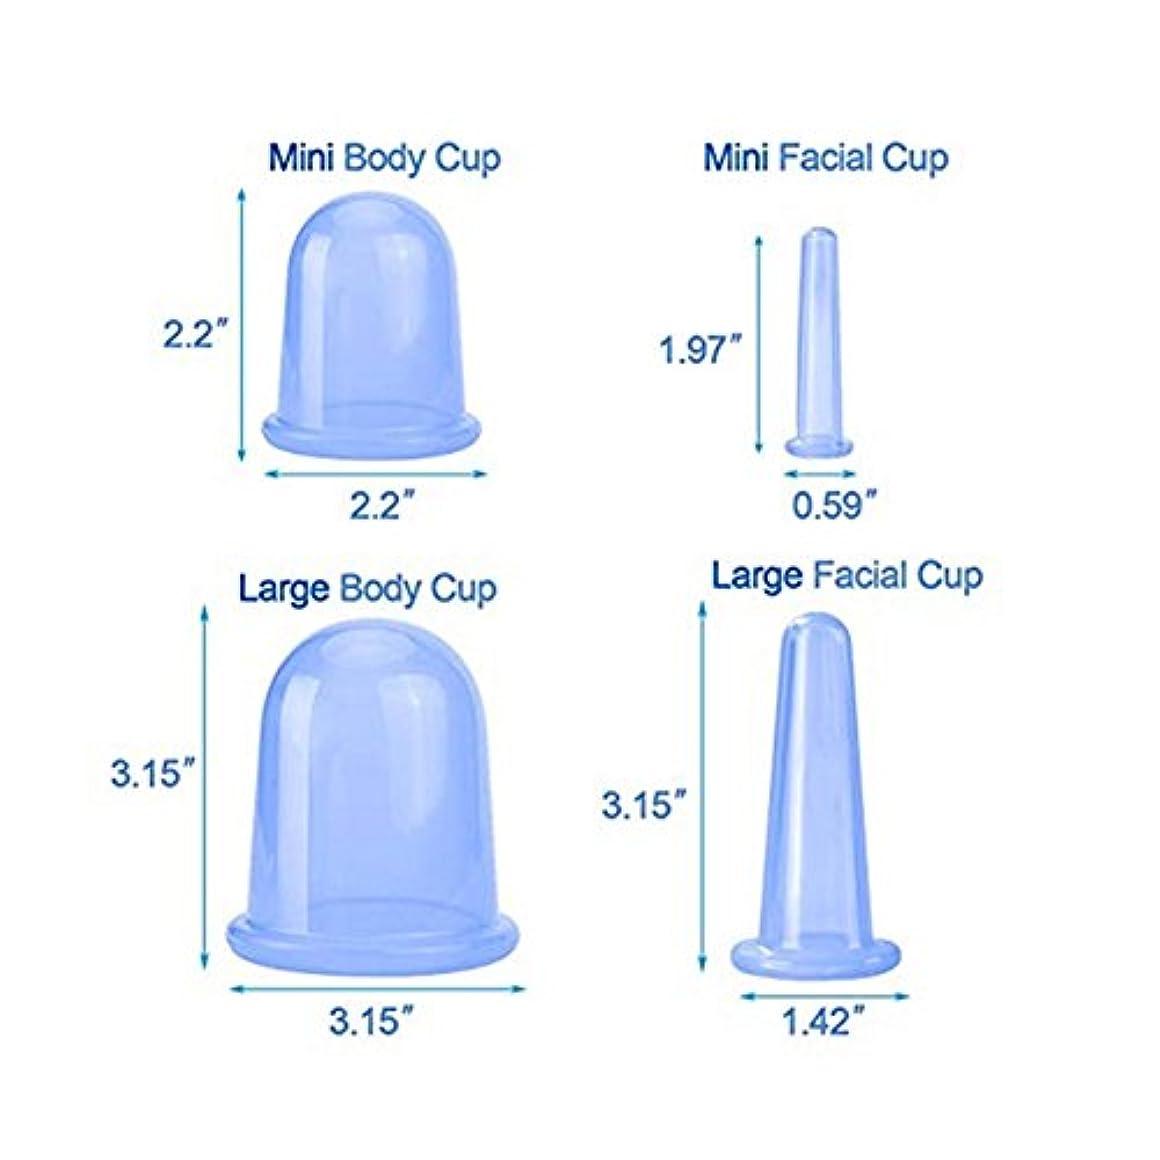 お酒アルコールスタイルマッサージカップ シリコーン 抗セルライトカッピング セラピーボディ&フェイシャルマッサージ用 バキューム マッサージカップセット セルライト治療、 中国式カッピングキット 1セット(4PCS)